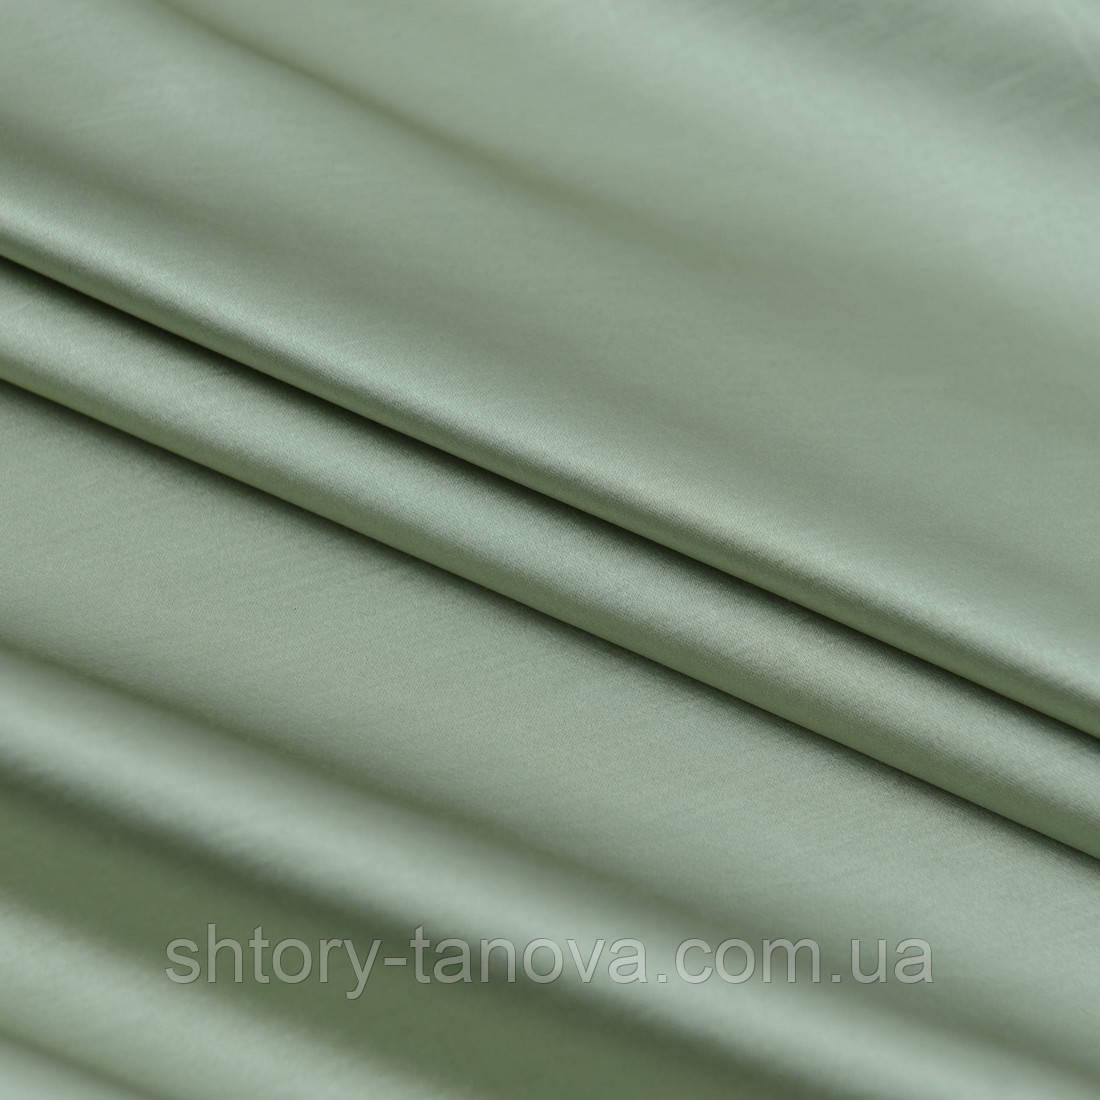 Декоративний сатин бравия зелена оливка